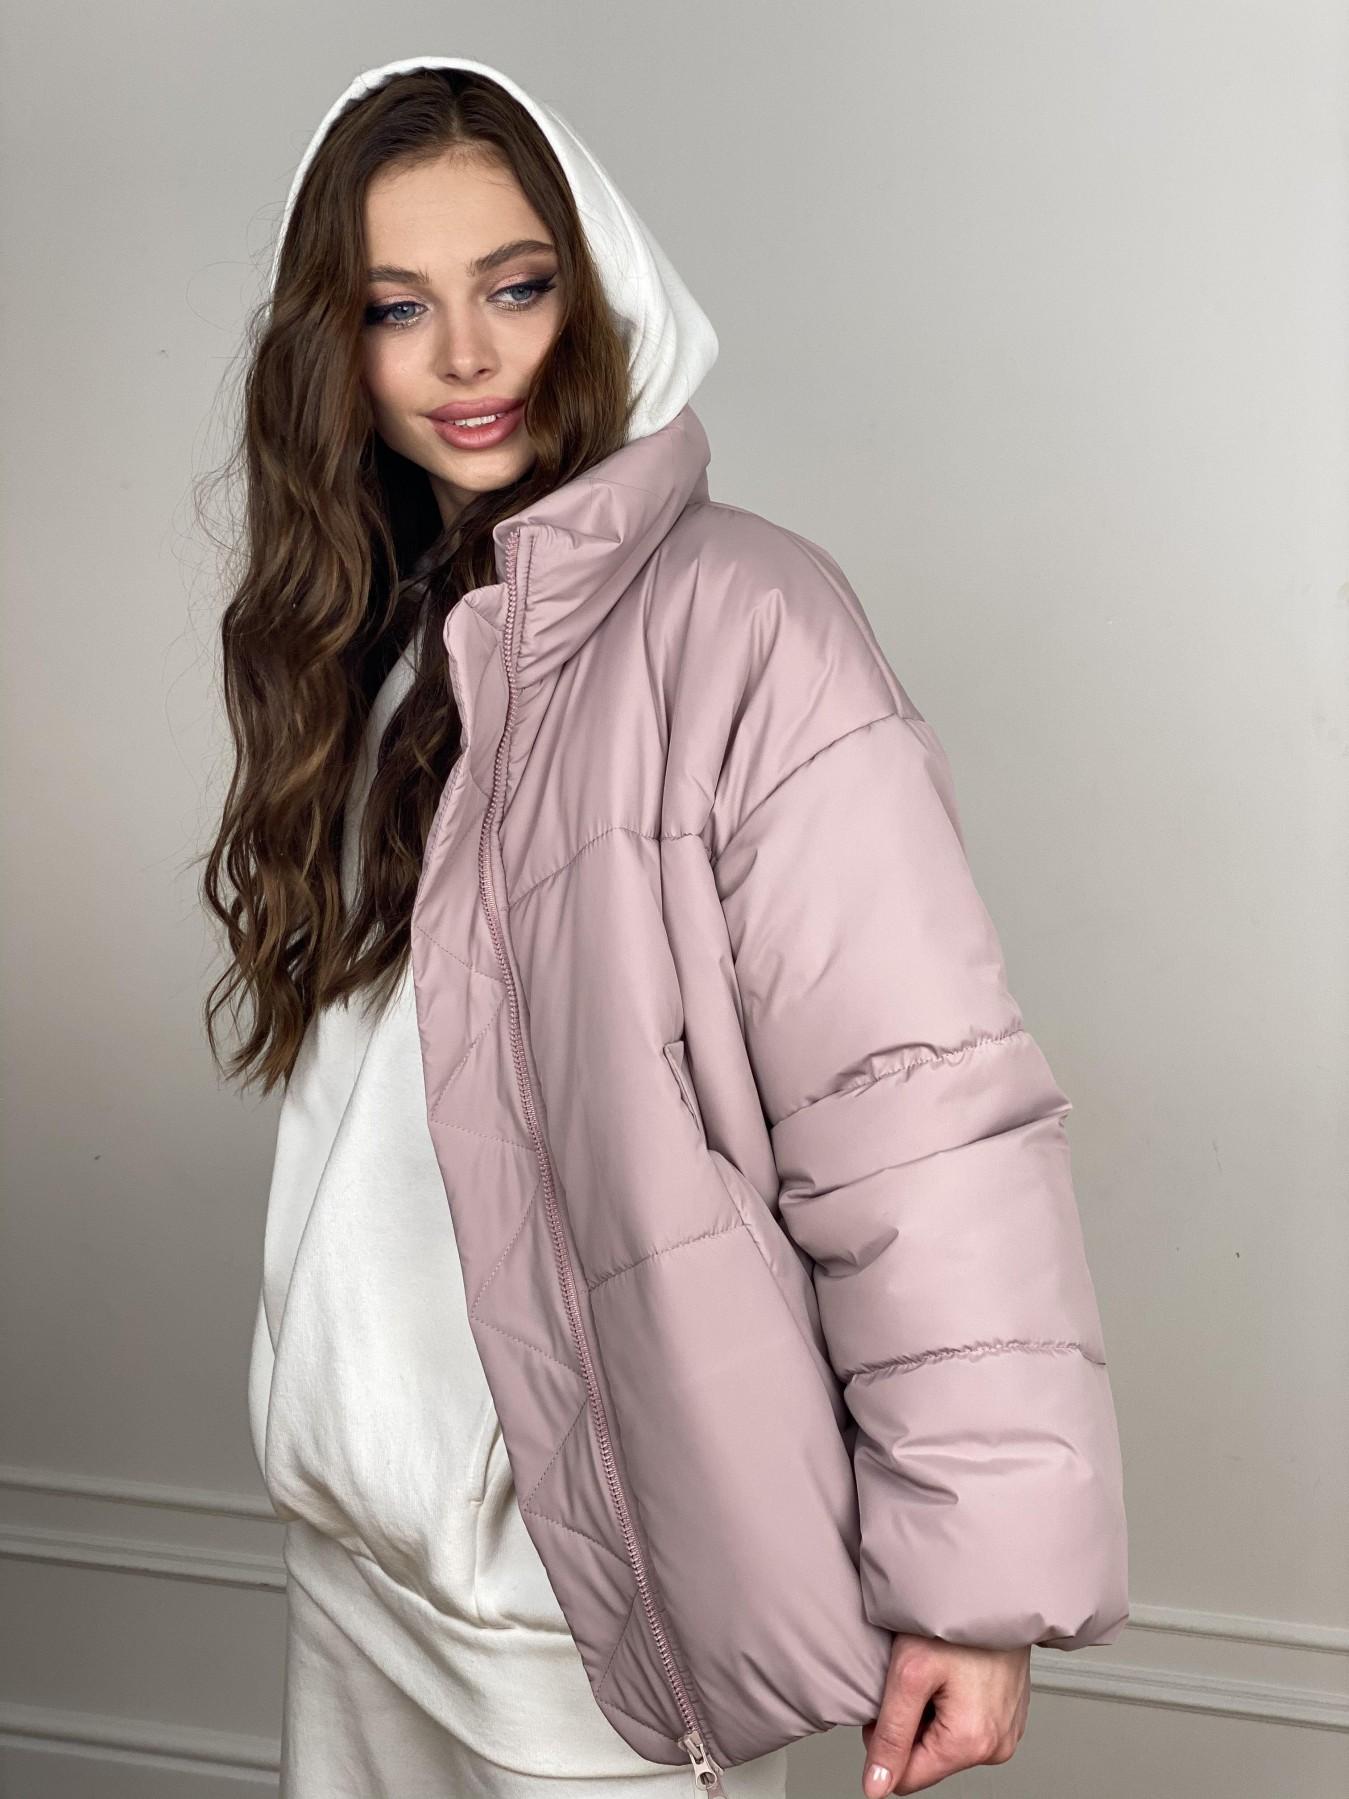 Муд куртка из плащевой ткани 10509 АРТ. 46917 Цвет: Пудра - фото 3, интернет магазин tm-modus.ru